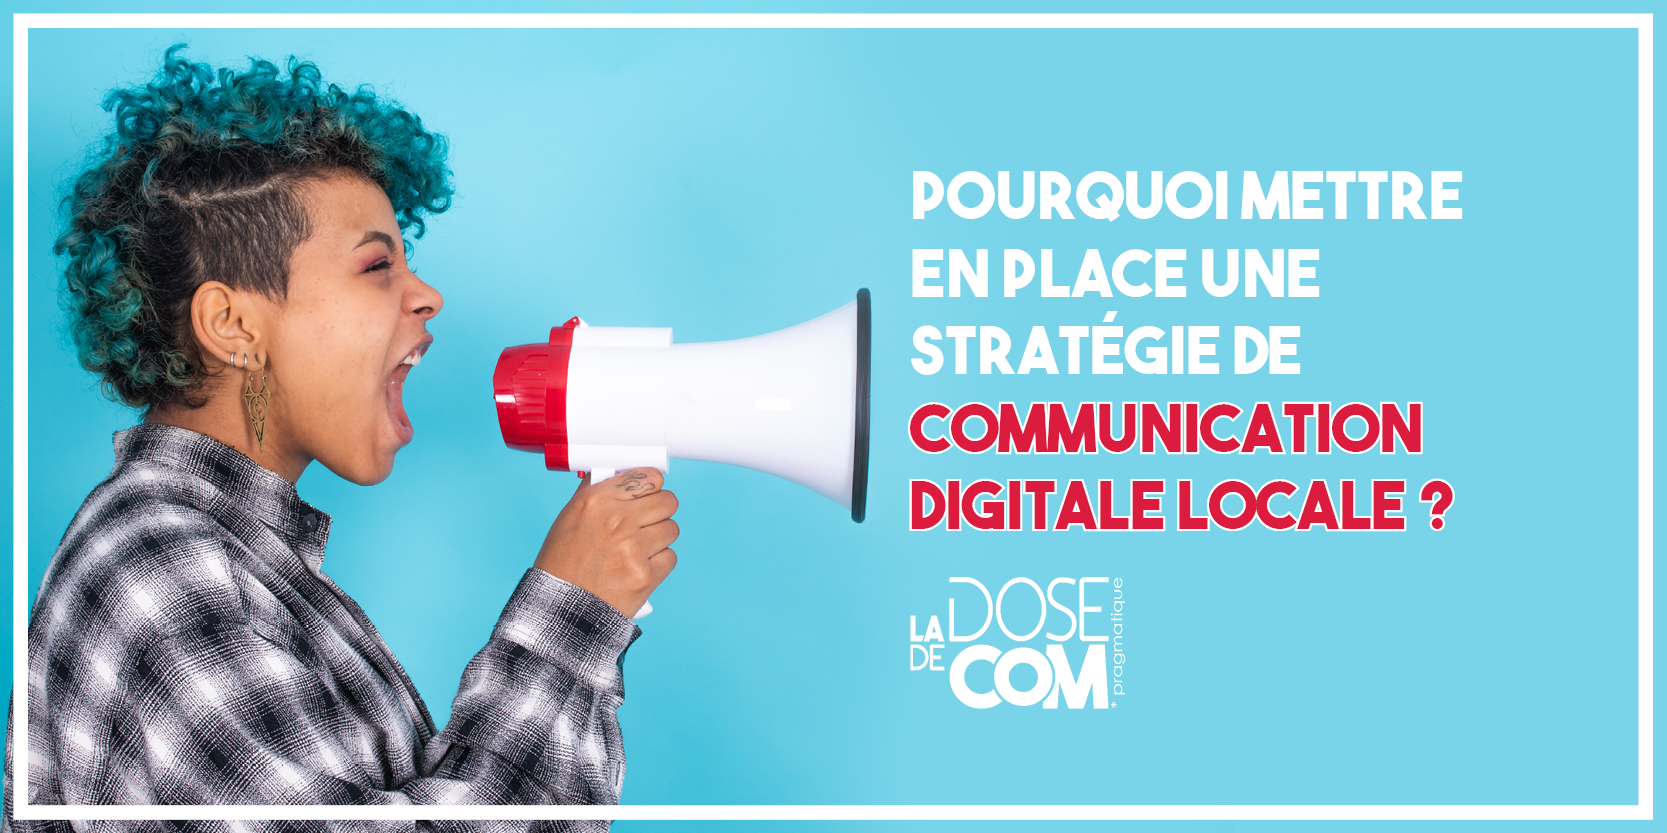 Pourquoi mettre en place une stratégie de communication digitale  locale ?